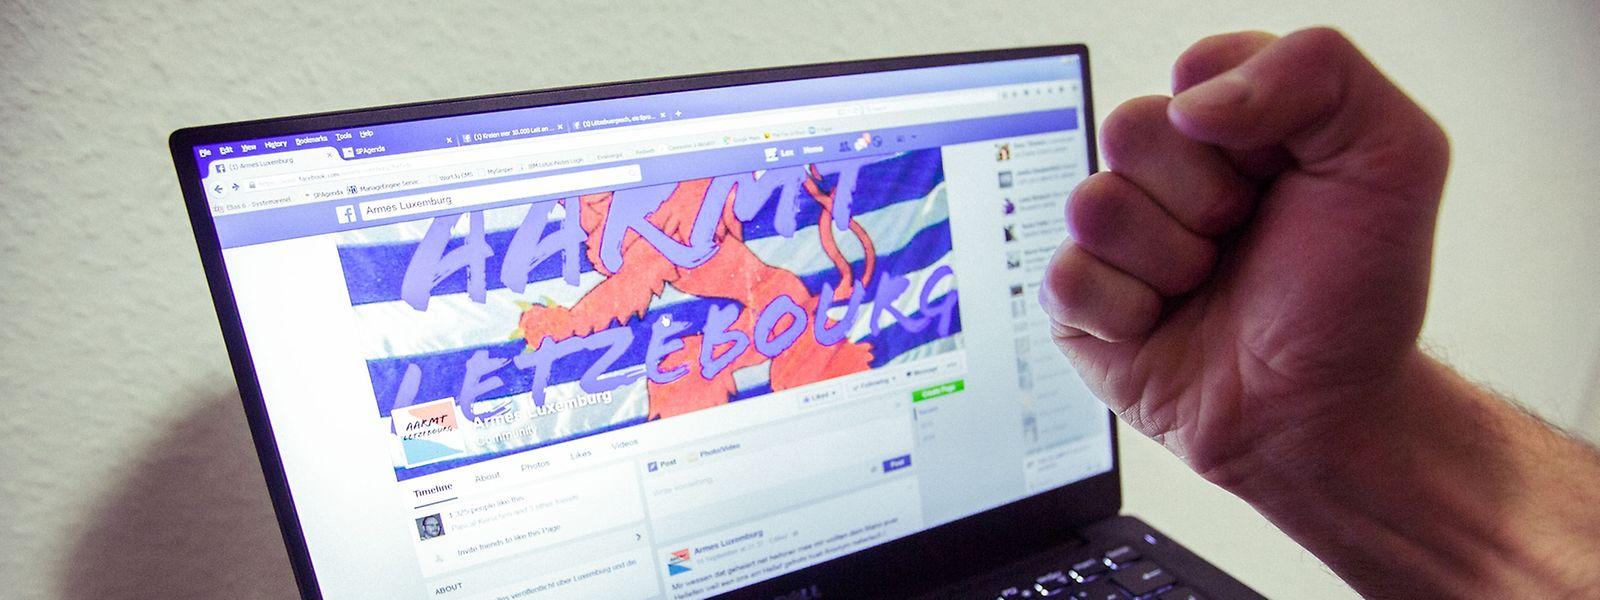 Facebook in der Kritik: Immer öfter beschäftigt sich die Justiz mit Hassparolen im Netz.